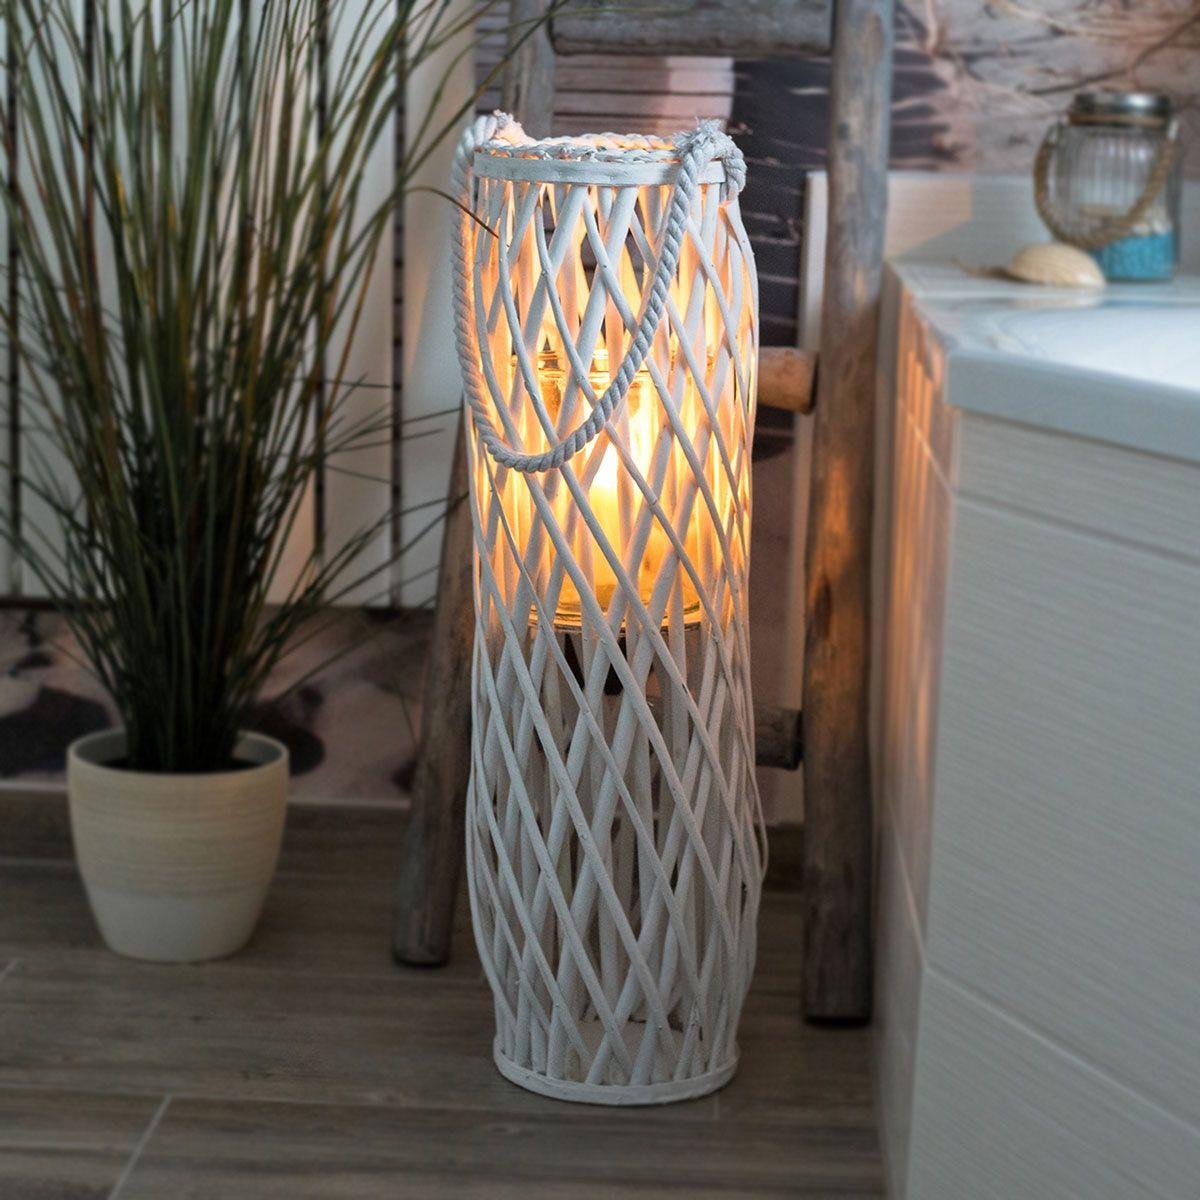 Laterne Rattan Mit Glas Windlicht Weiss Höhe Ca 70cm